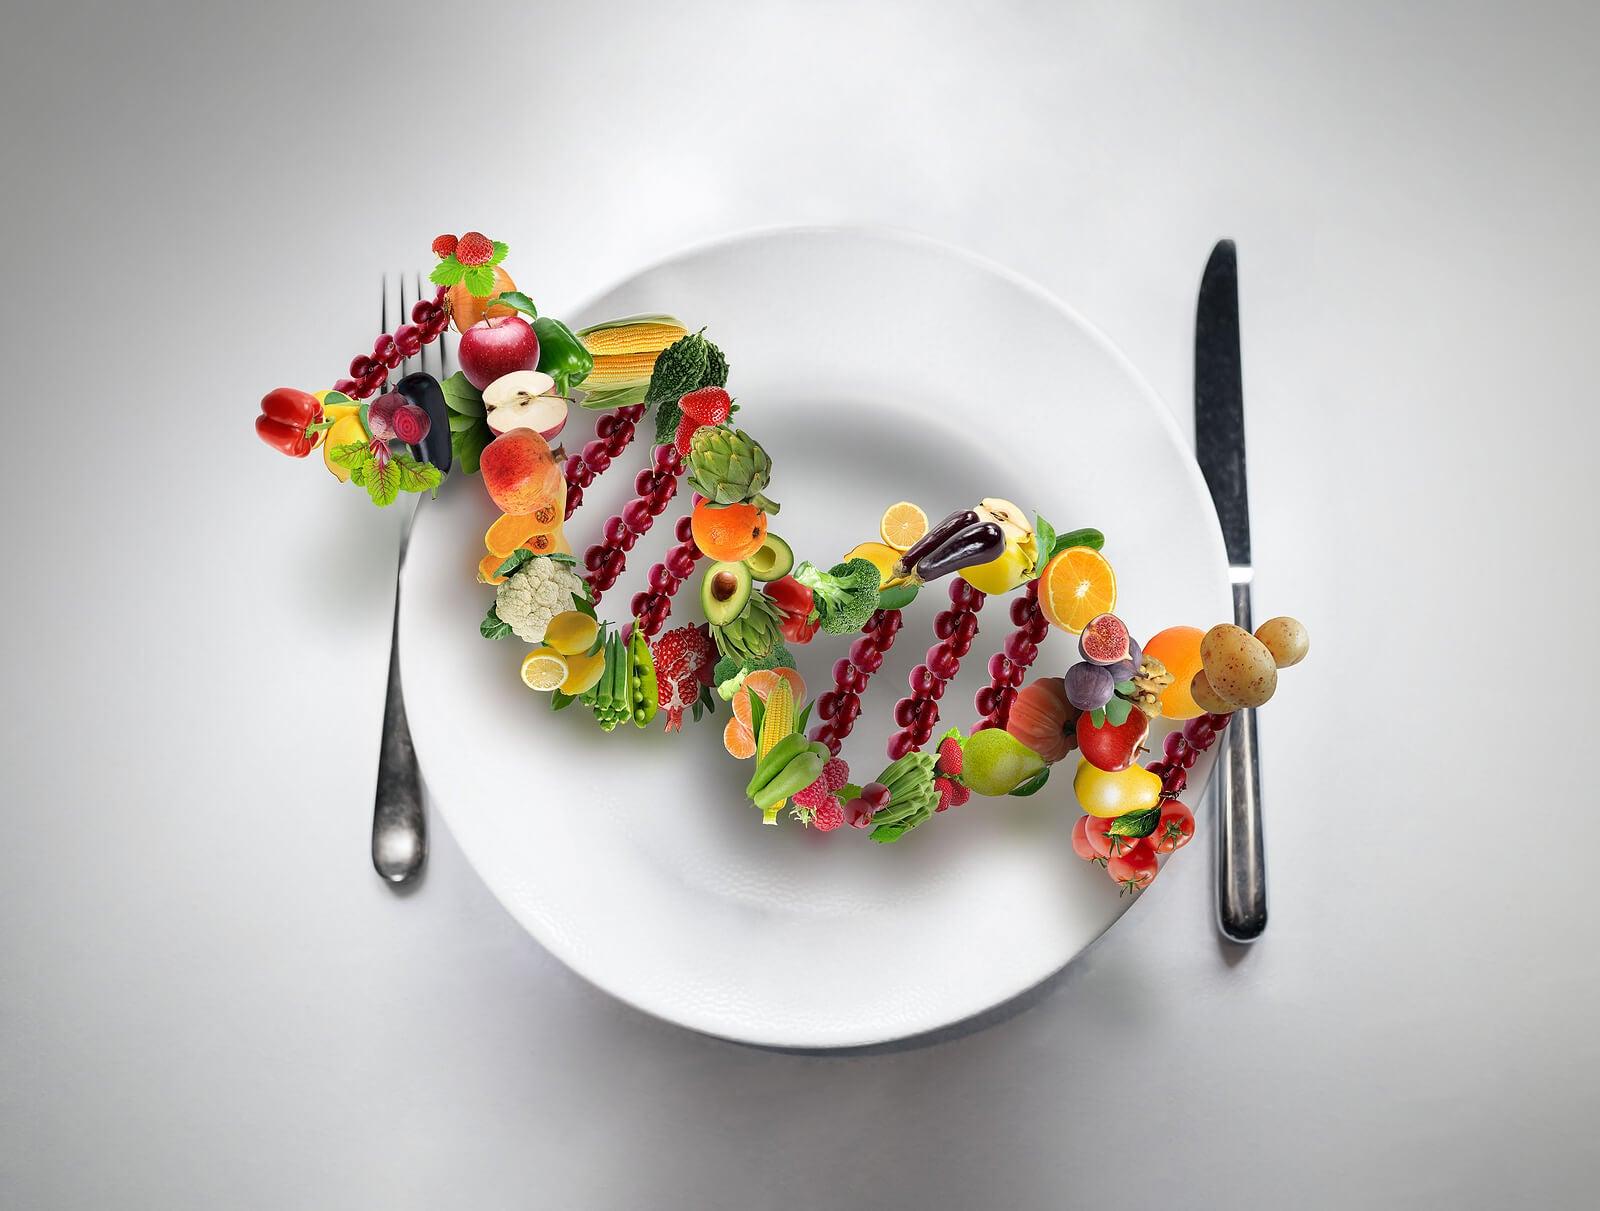 ¿Qué es la nutrigenética y qué podría aportar?